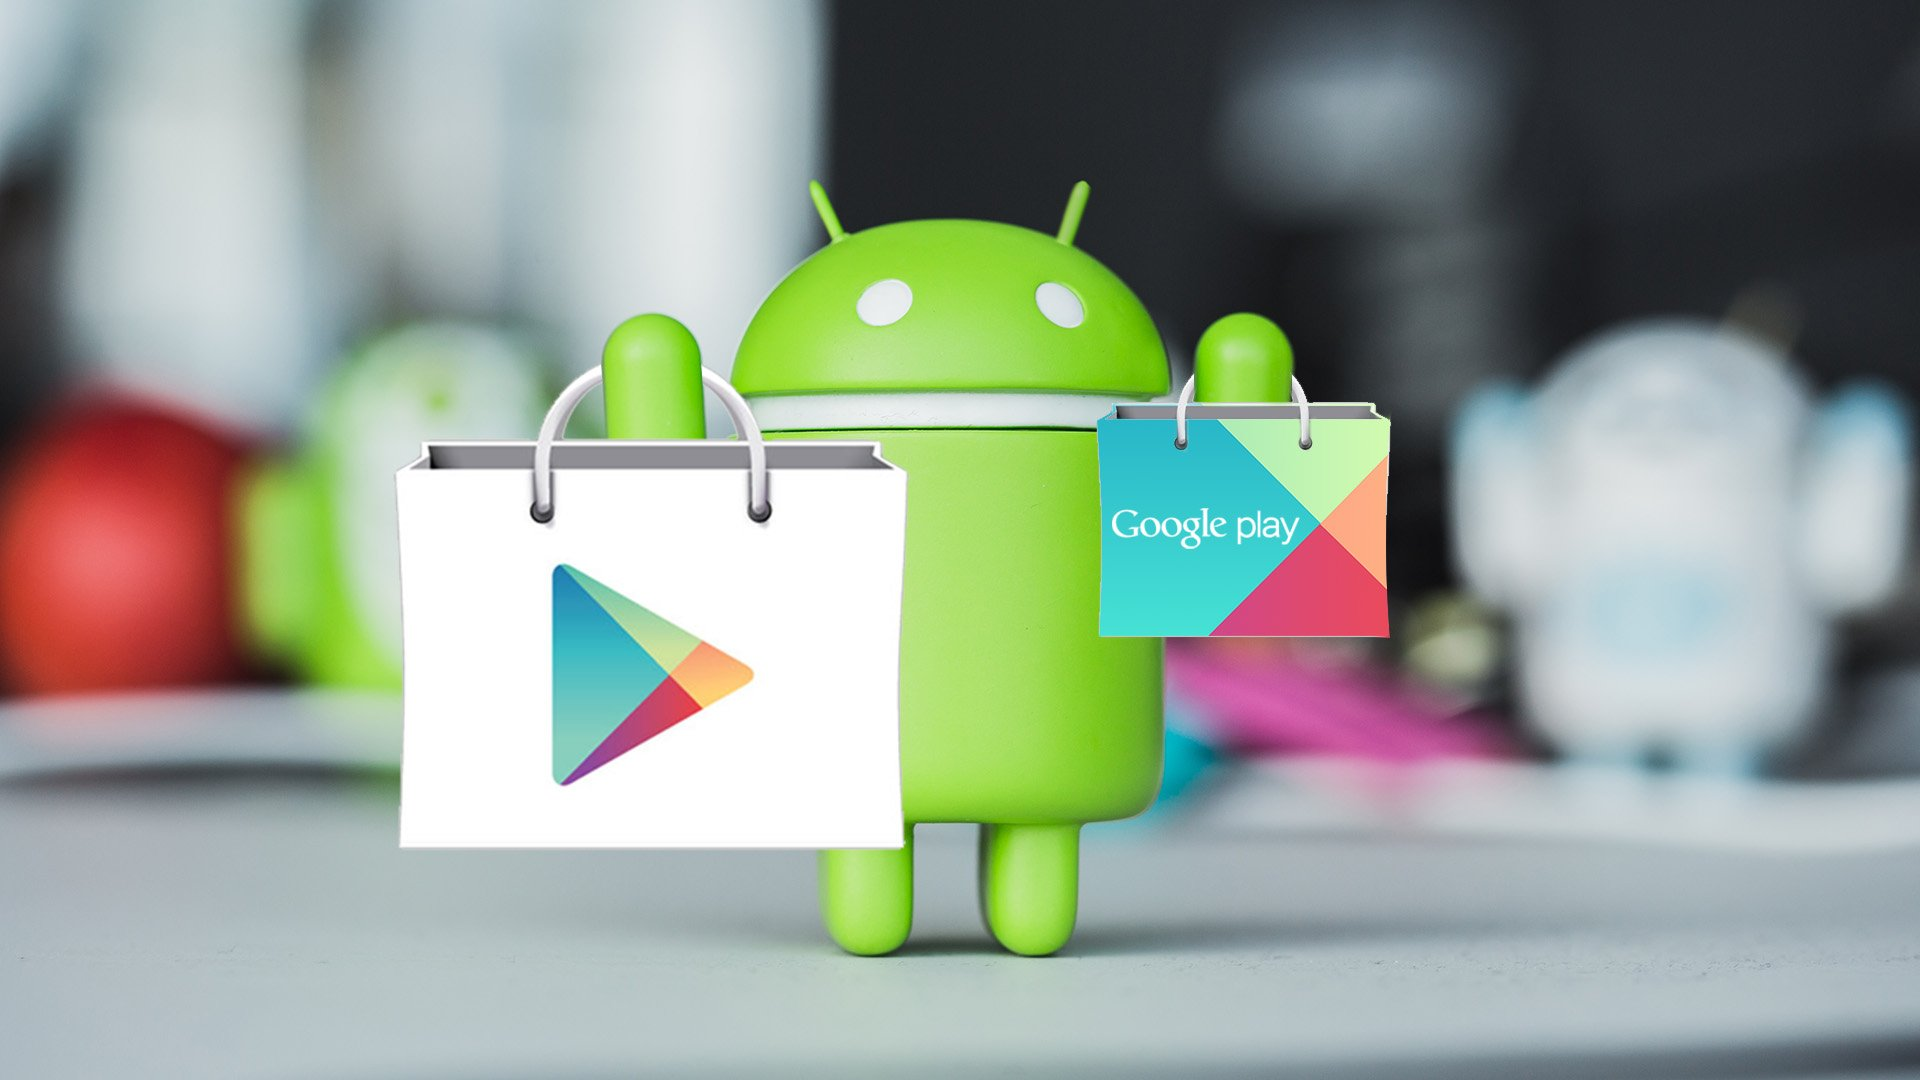 در گوگل پلیاستور بیش از 2000 اپلیکیشن خطرناک وجود دارد؛ بعضیها مشهور هستند 1